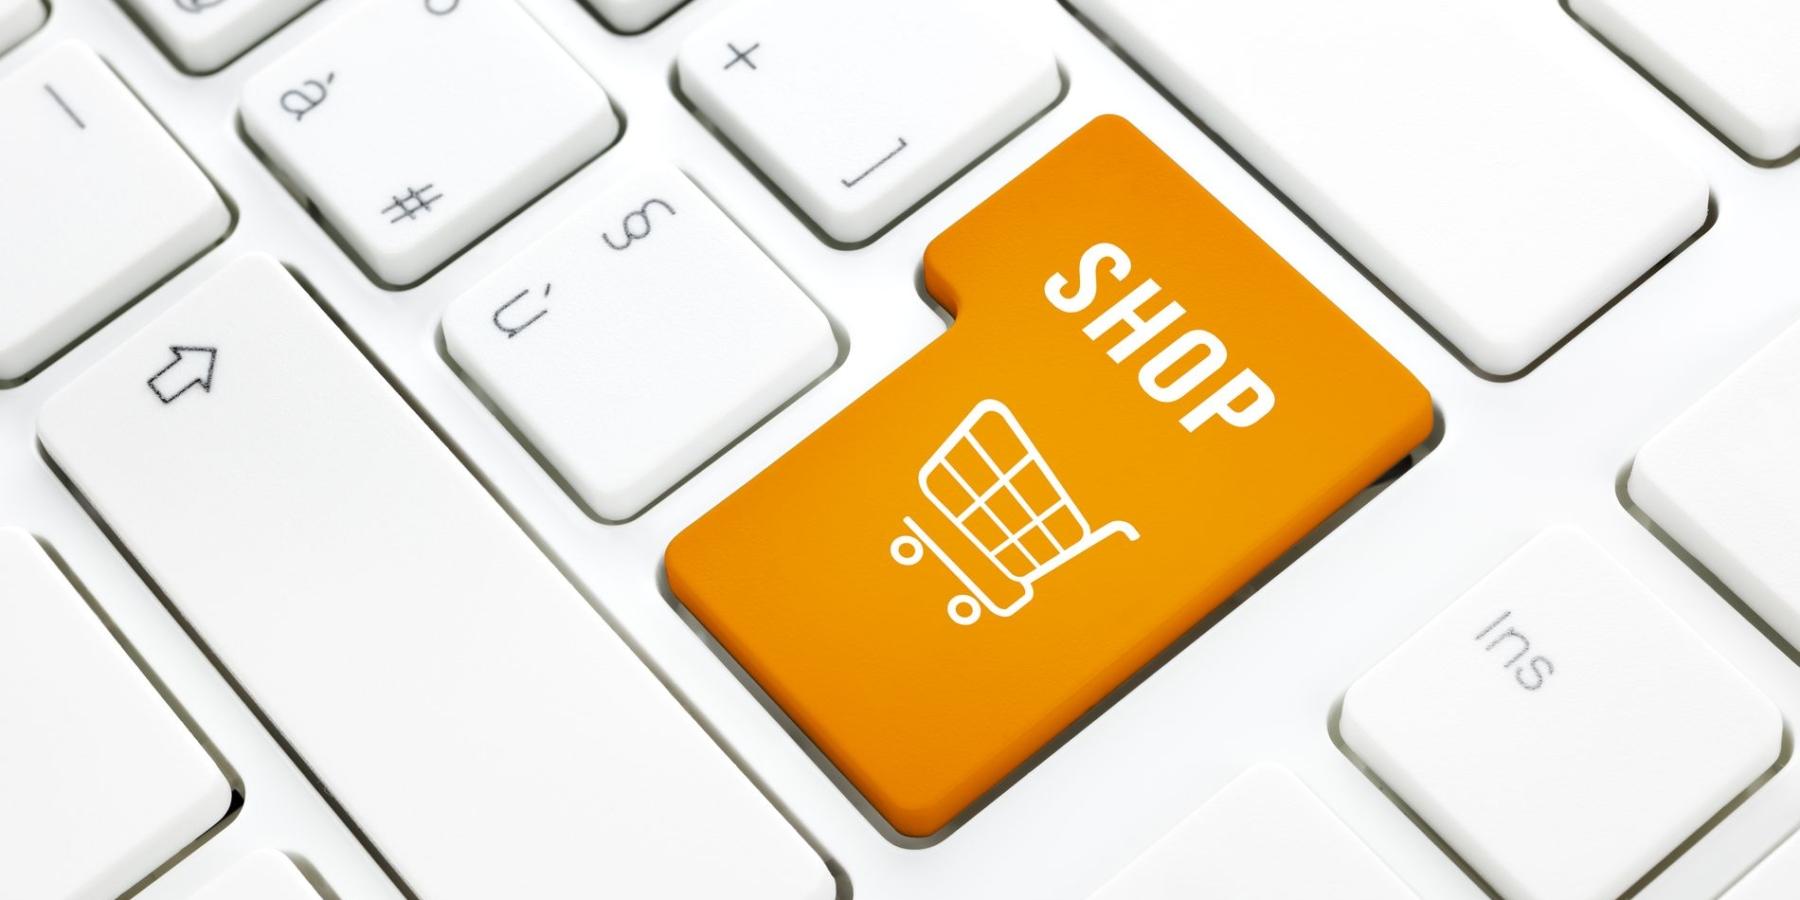 Silnik rekomendacji – dlaczego warto korzystać ztakiego narzędzia?